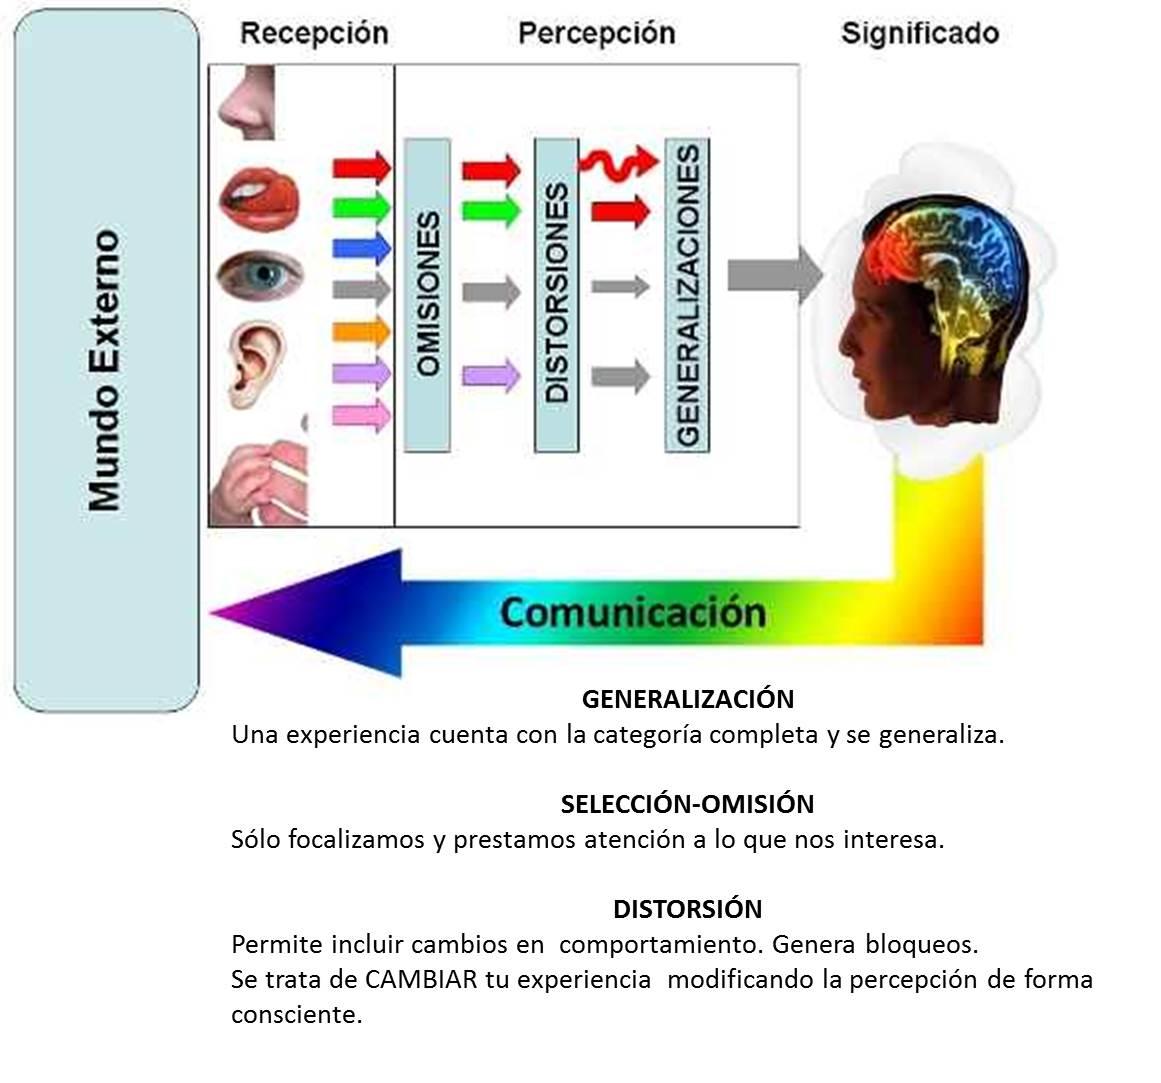 creencias-MaritéRodríguez-inteligenciacuántica-neurociencia